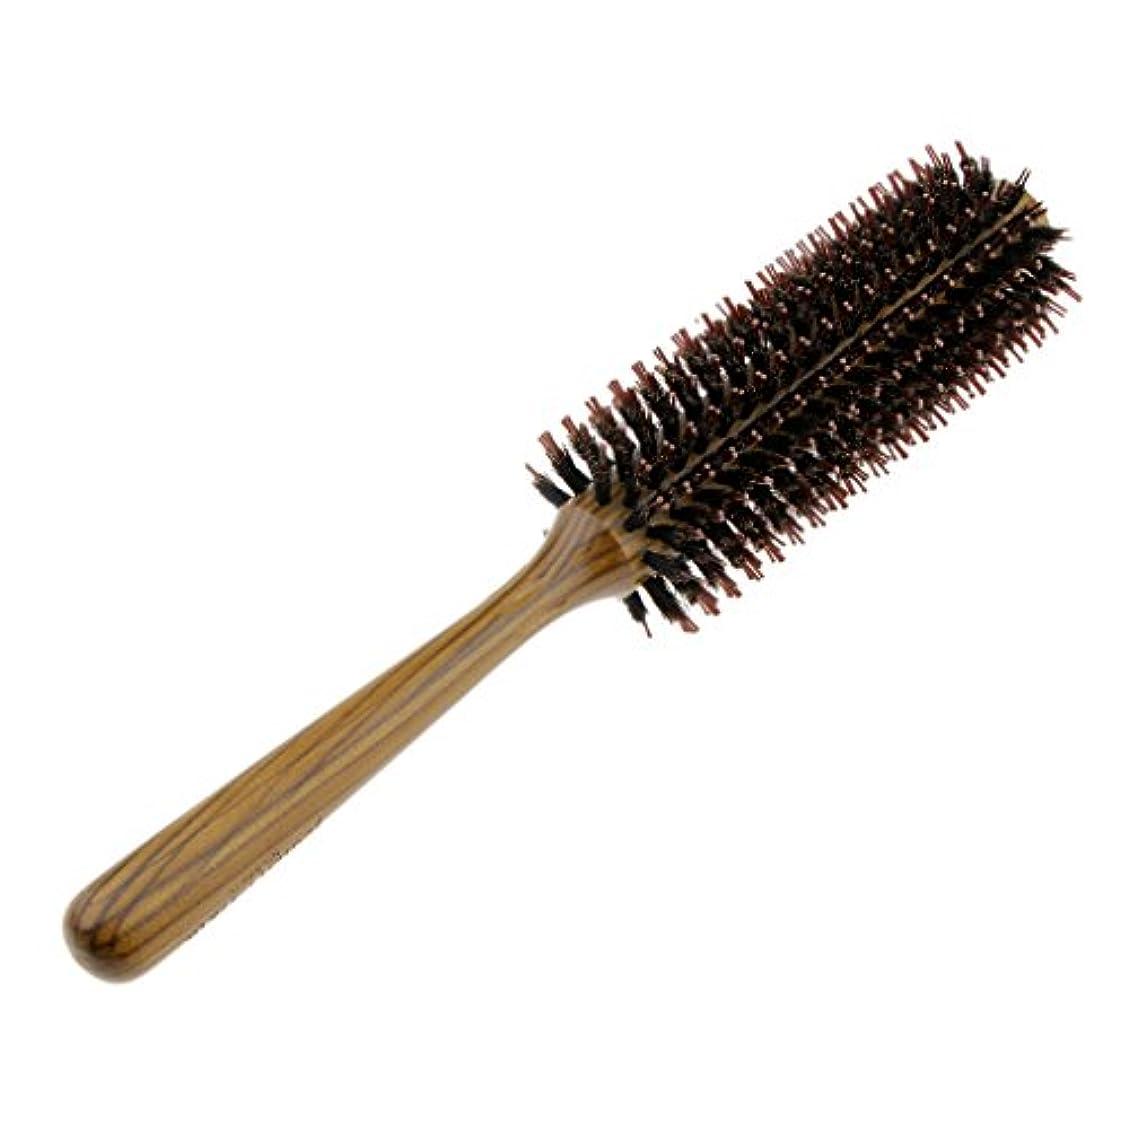 染色用量邪魔Fenteer ロールブラシ ヘアブラシ コーム ヘアスタイリング 櫛 くし カール 巻き髪 3サイズ選べる - L